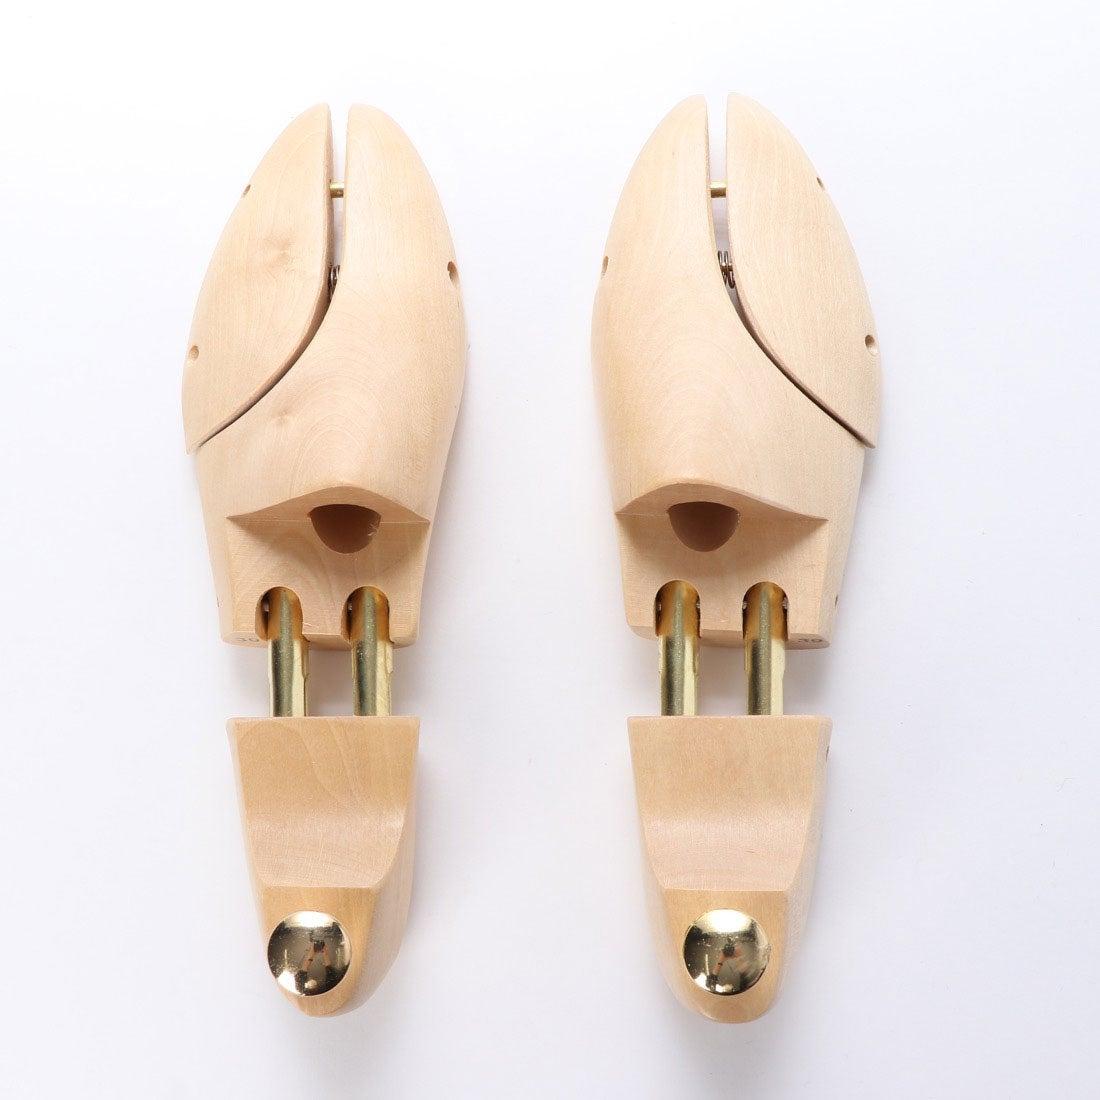 ロコンド 靴とファッションの通販サイトキングヤード KING YARD KINGYARD ツインチューブ #39 24-24.5cm (ニュートラル)